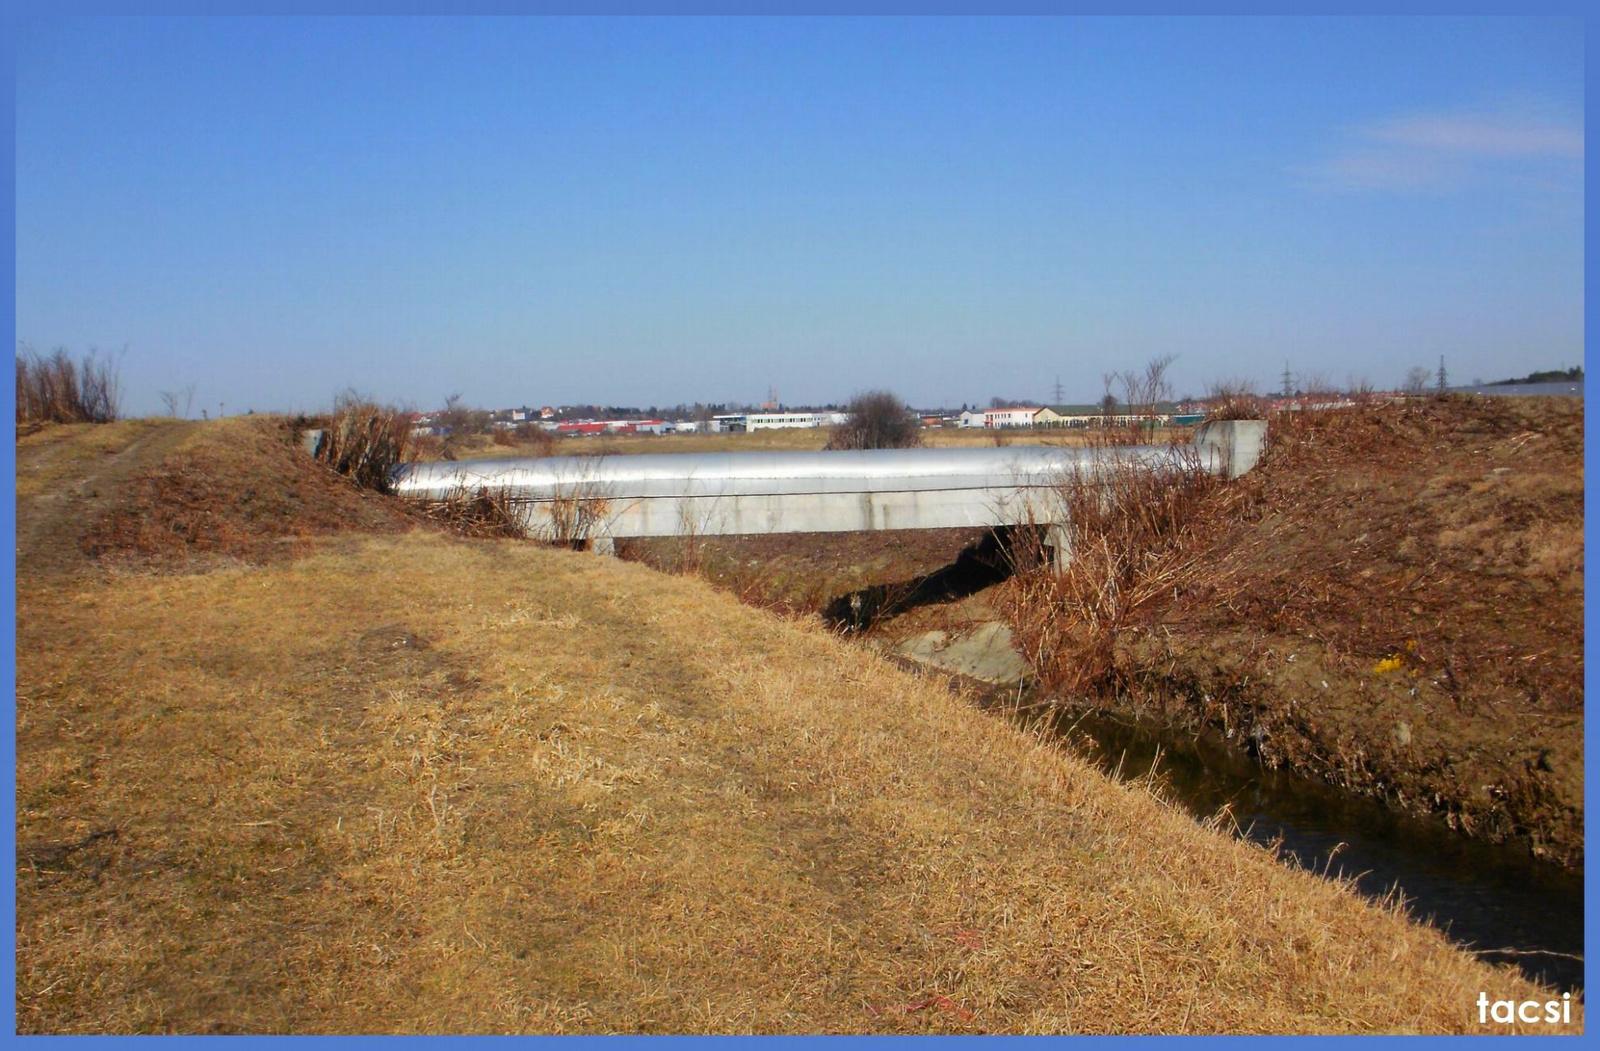 32. Sopron szennyvízének átemelése a derítő állomásra